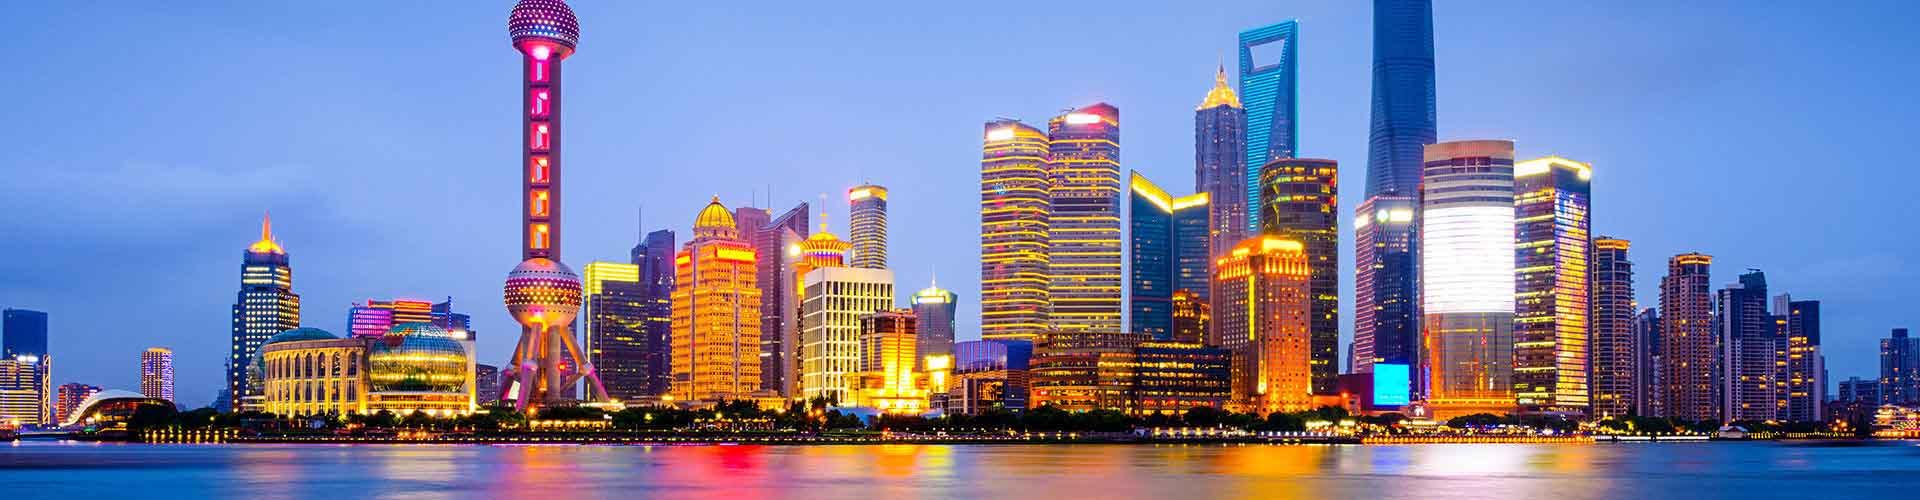 上海 – 上海虹橋国際空港の近くにあるホステル. 地図 上海, すべてのホステルの写真とレビュー 上海.